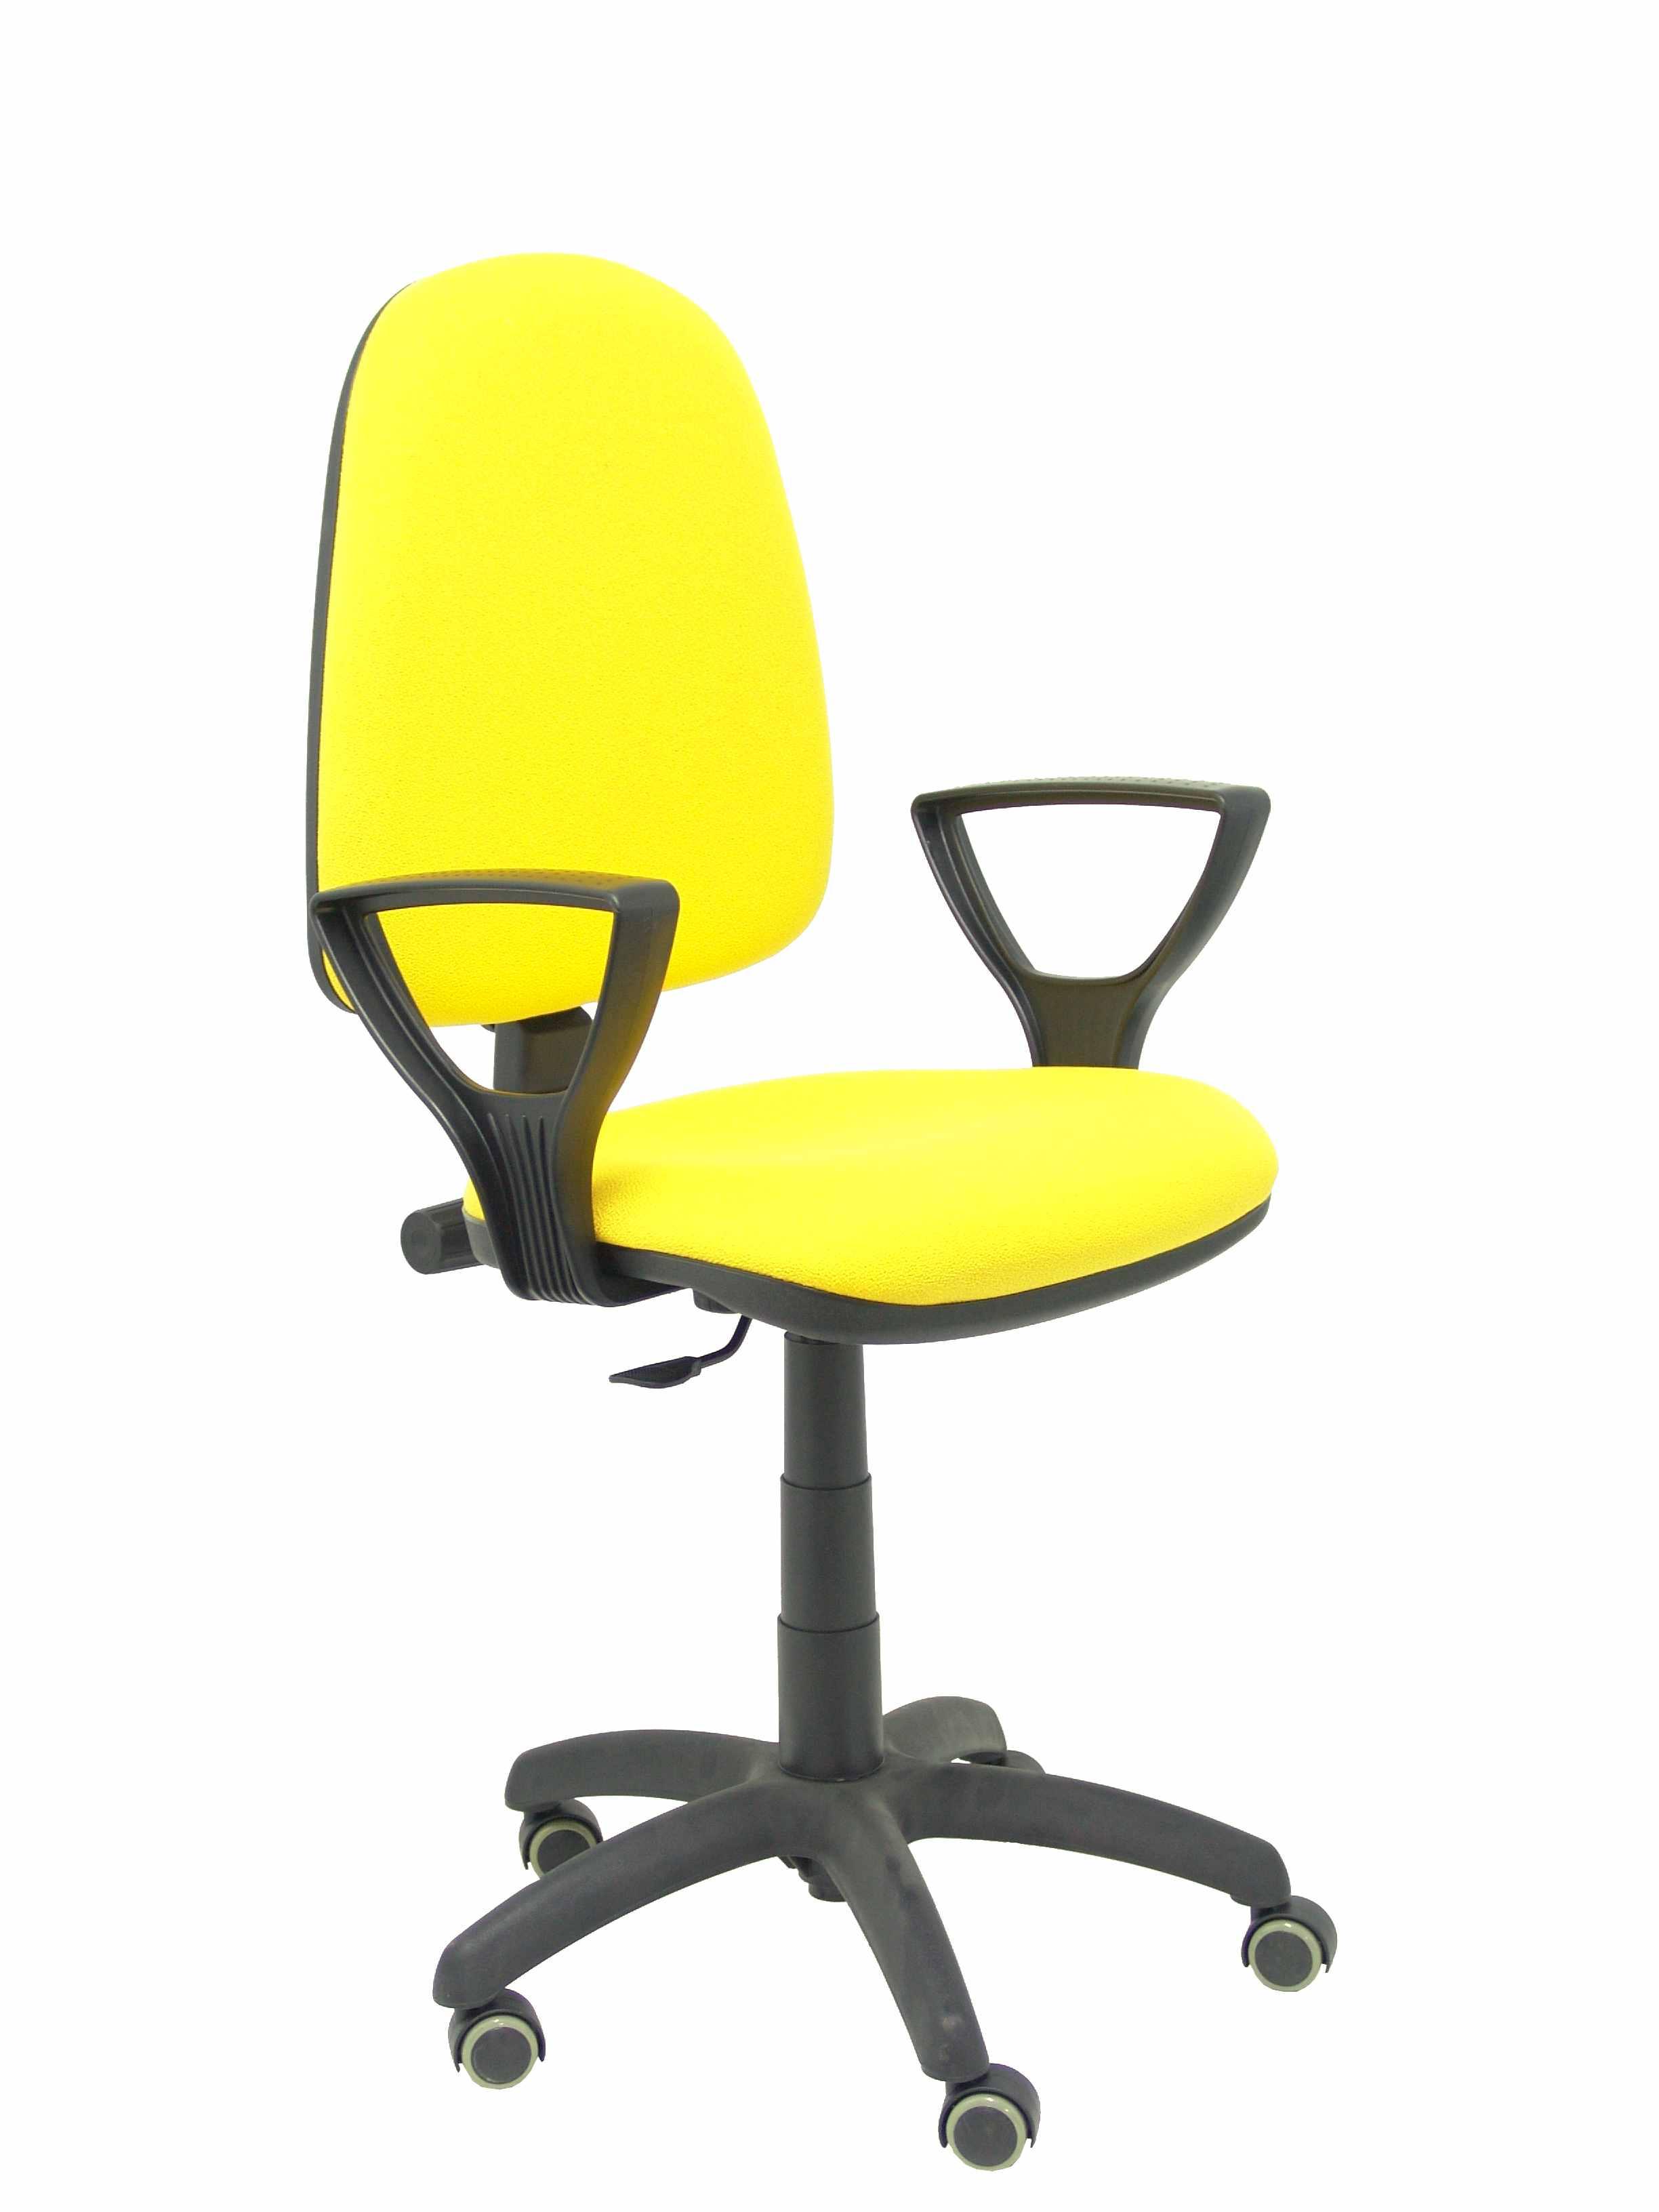 Silla Ayna bali amarillo brazos fijos ruedas de parquet